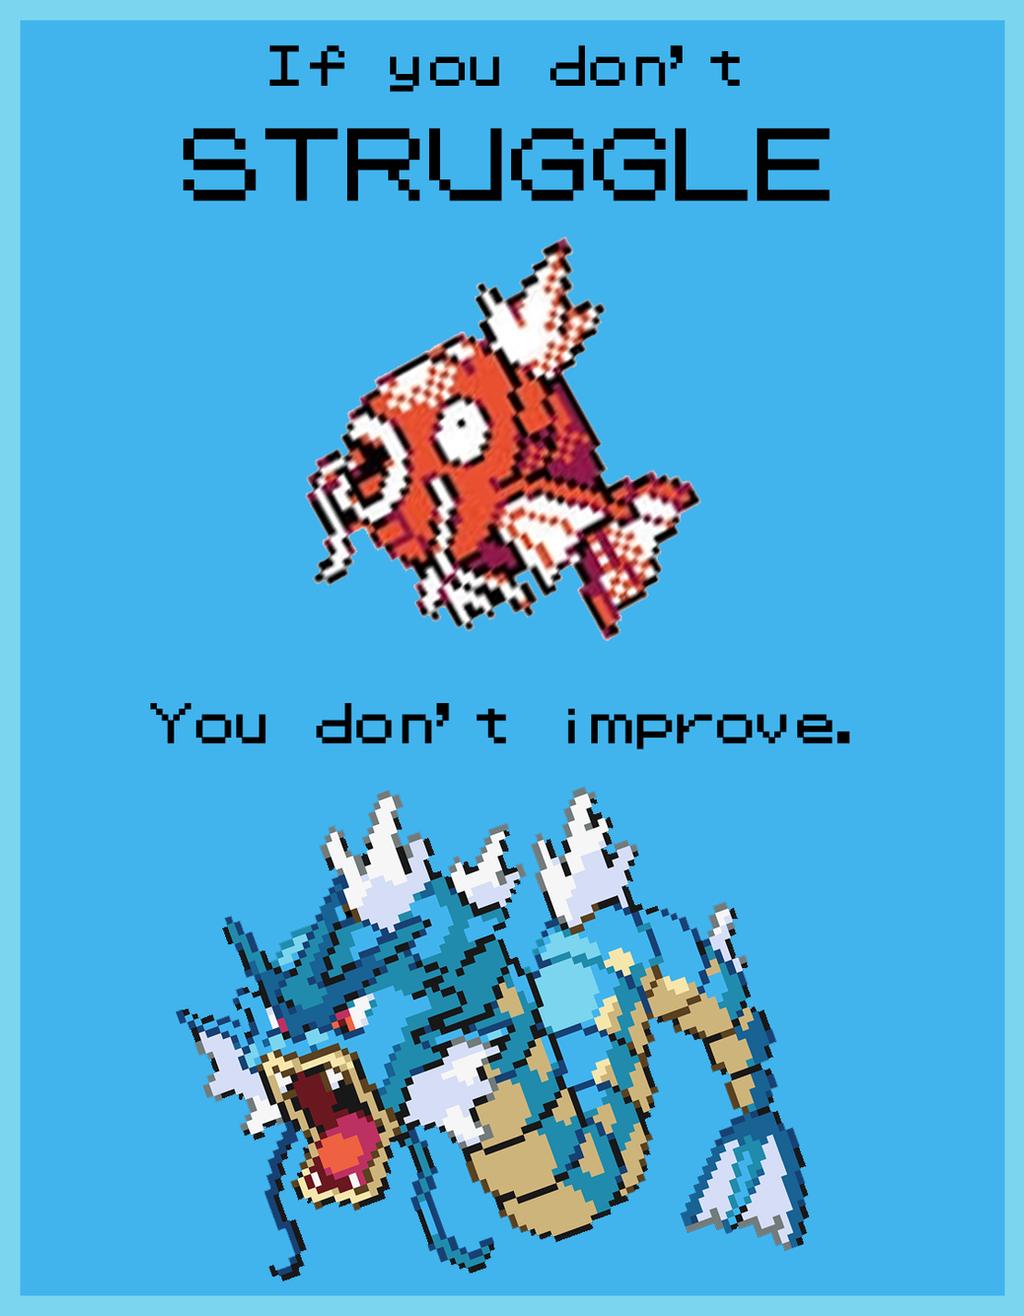 Struggle by Ommin202